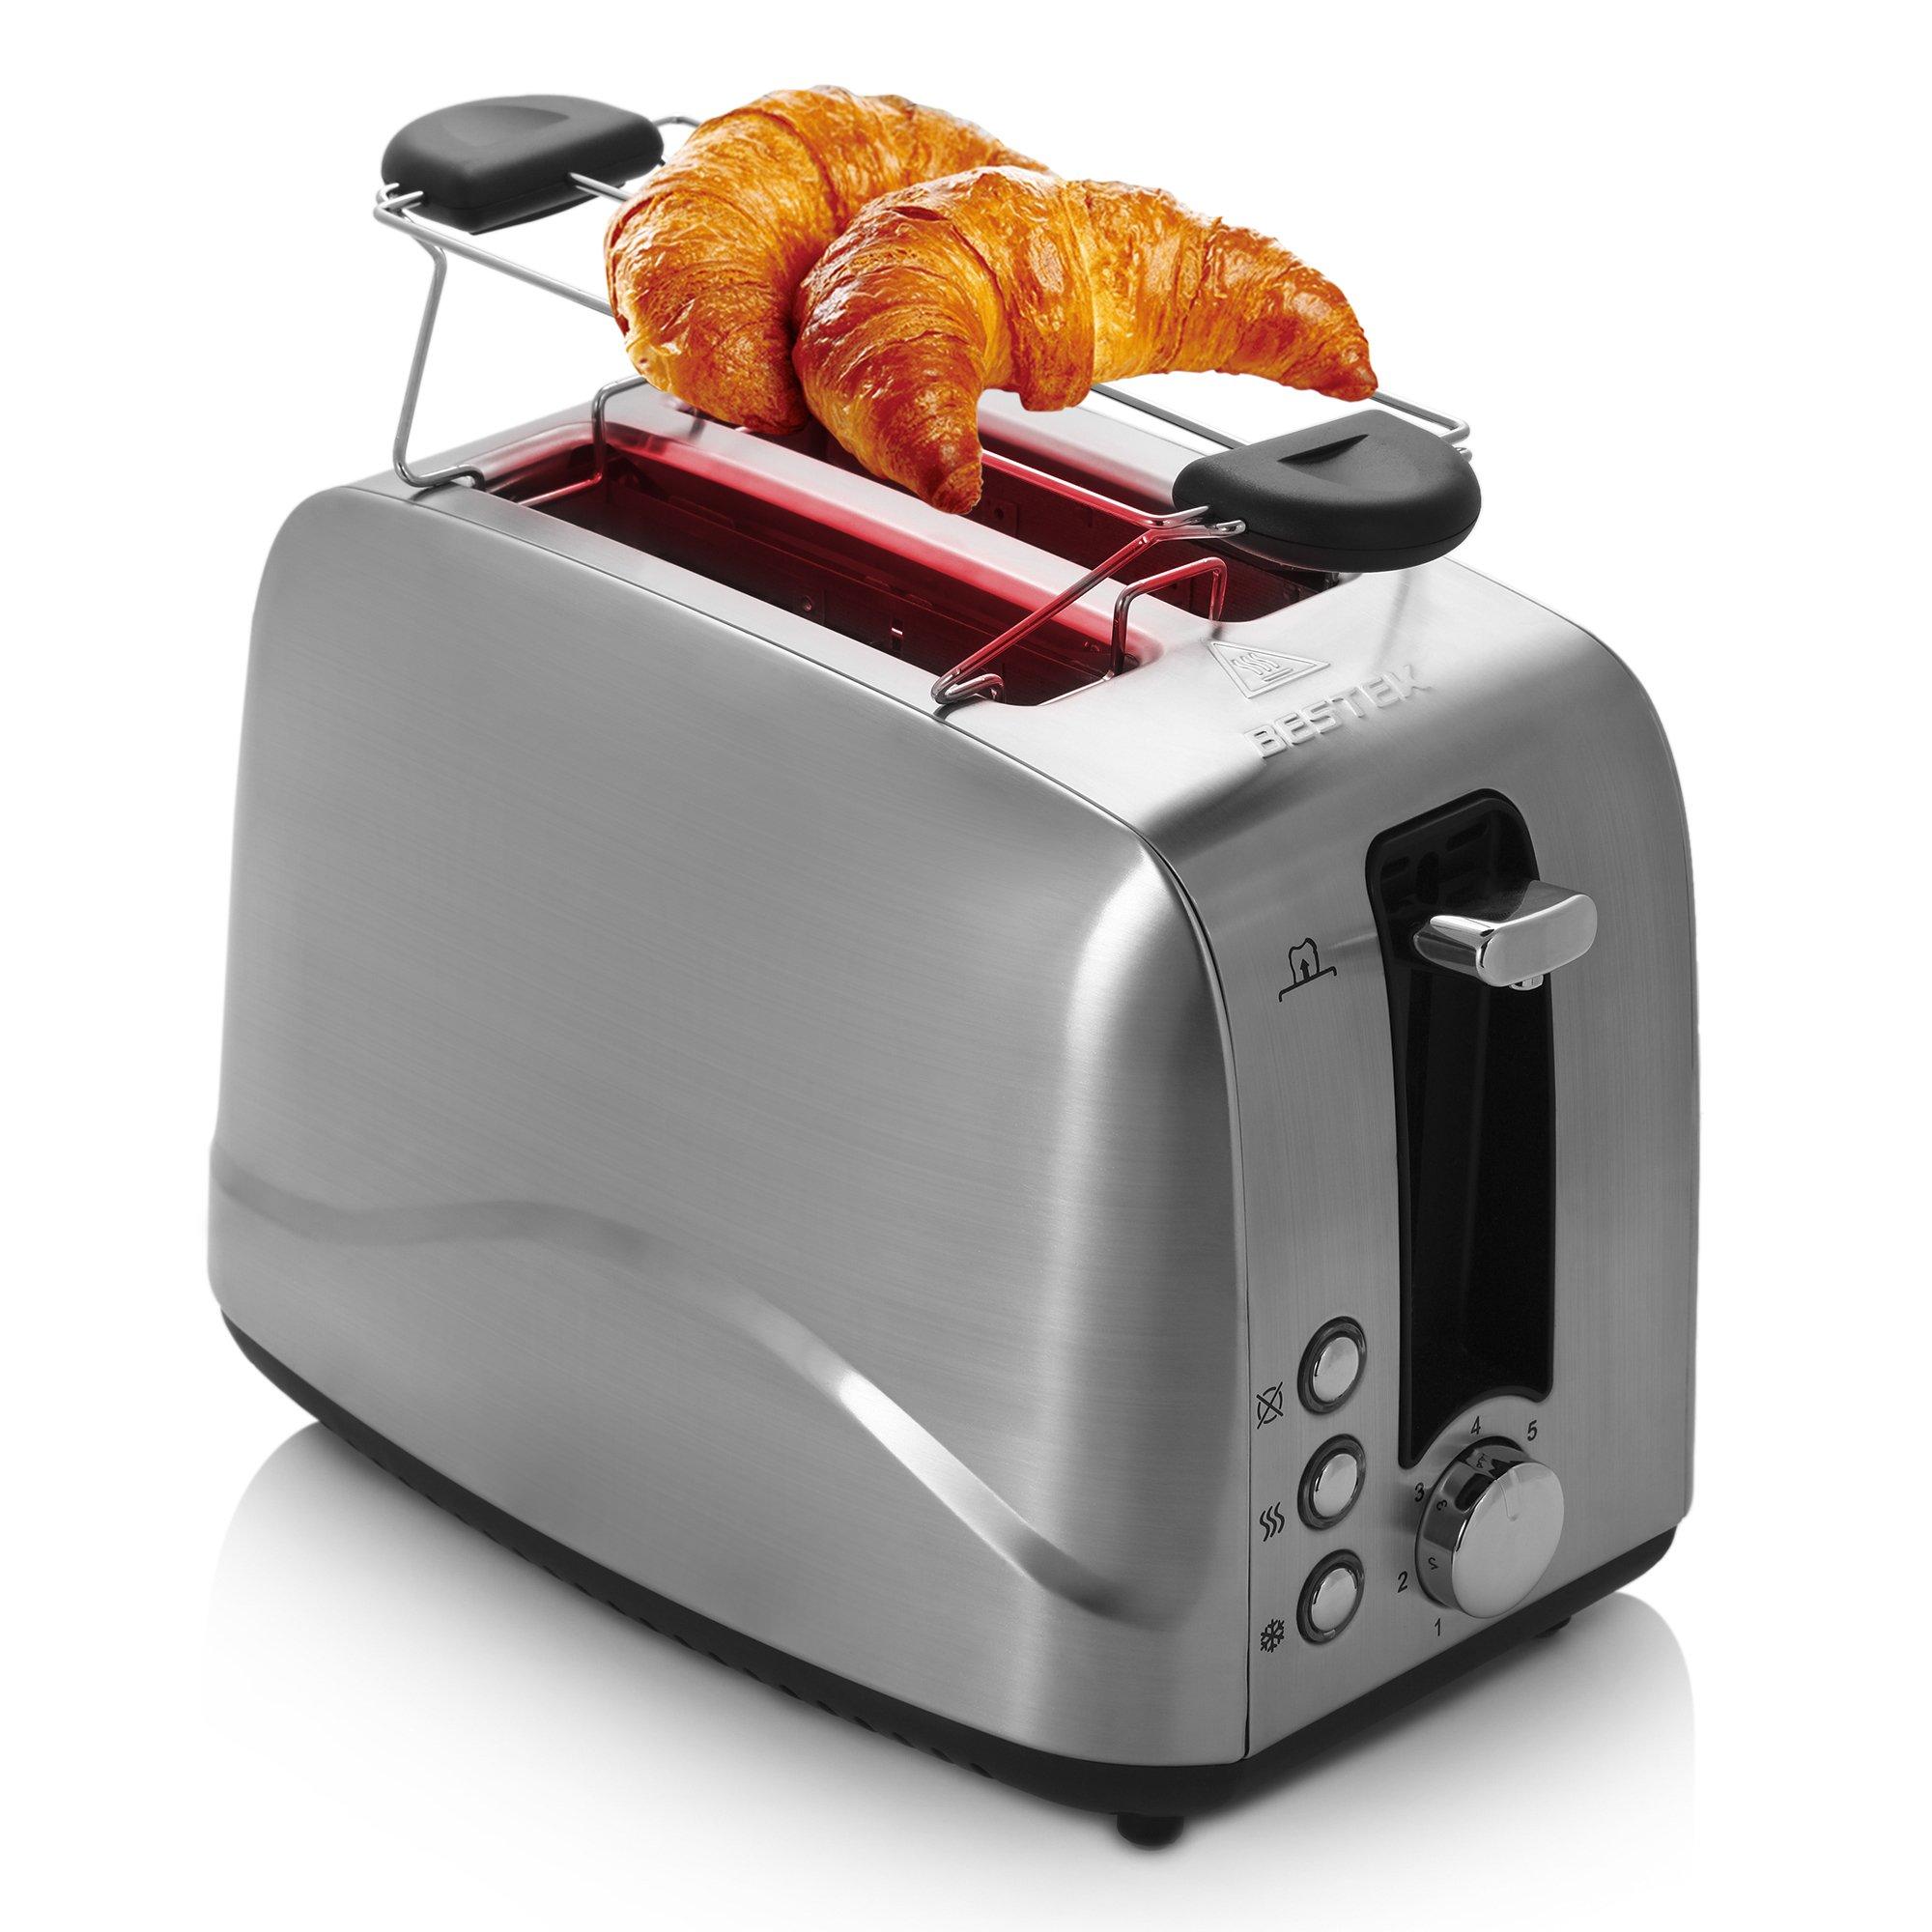 BESTEK-Edelstahl-Toaster-mit-Brtchenaufsatz-7-Brunungsstufen-und-2-Brotscheiben-850-W